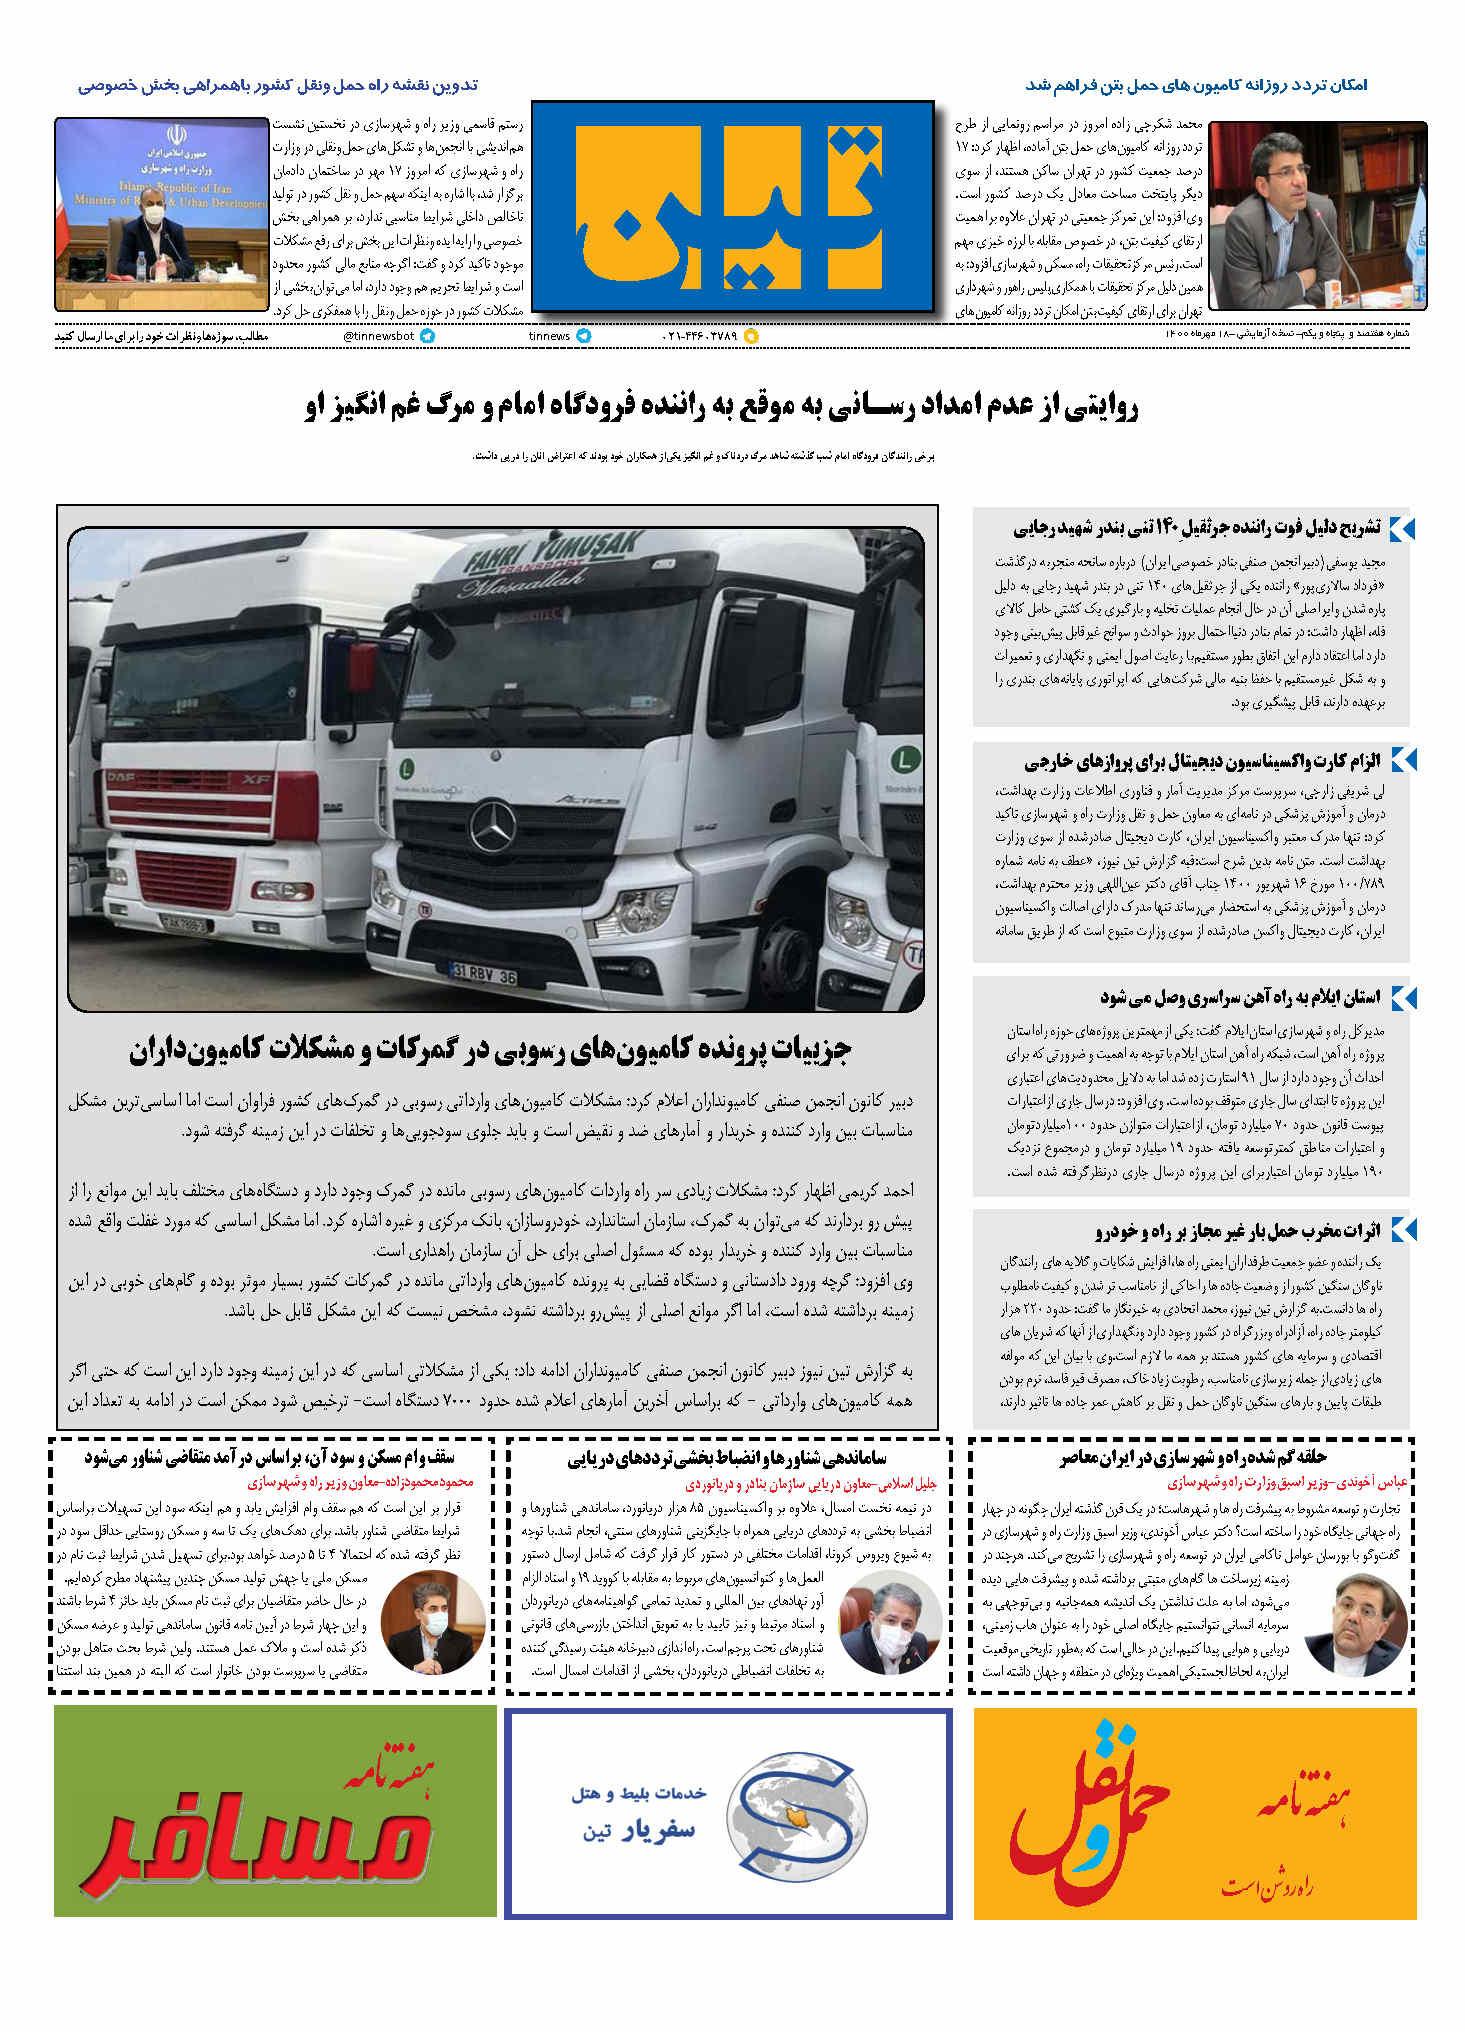 روزنامه الکترونیک 18 مهرماه 1400